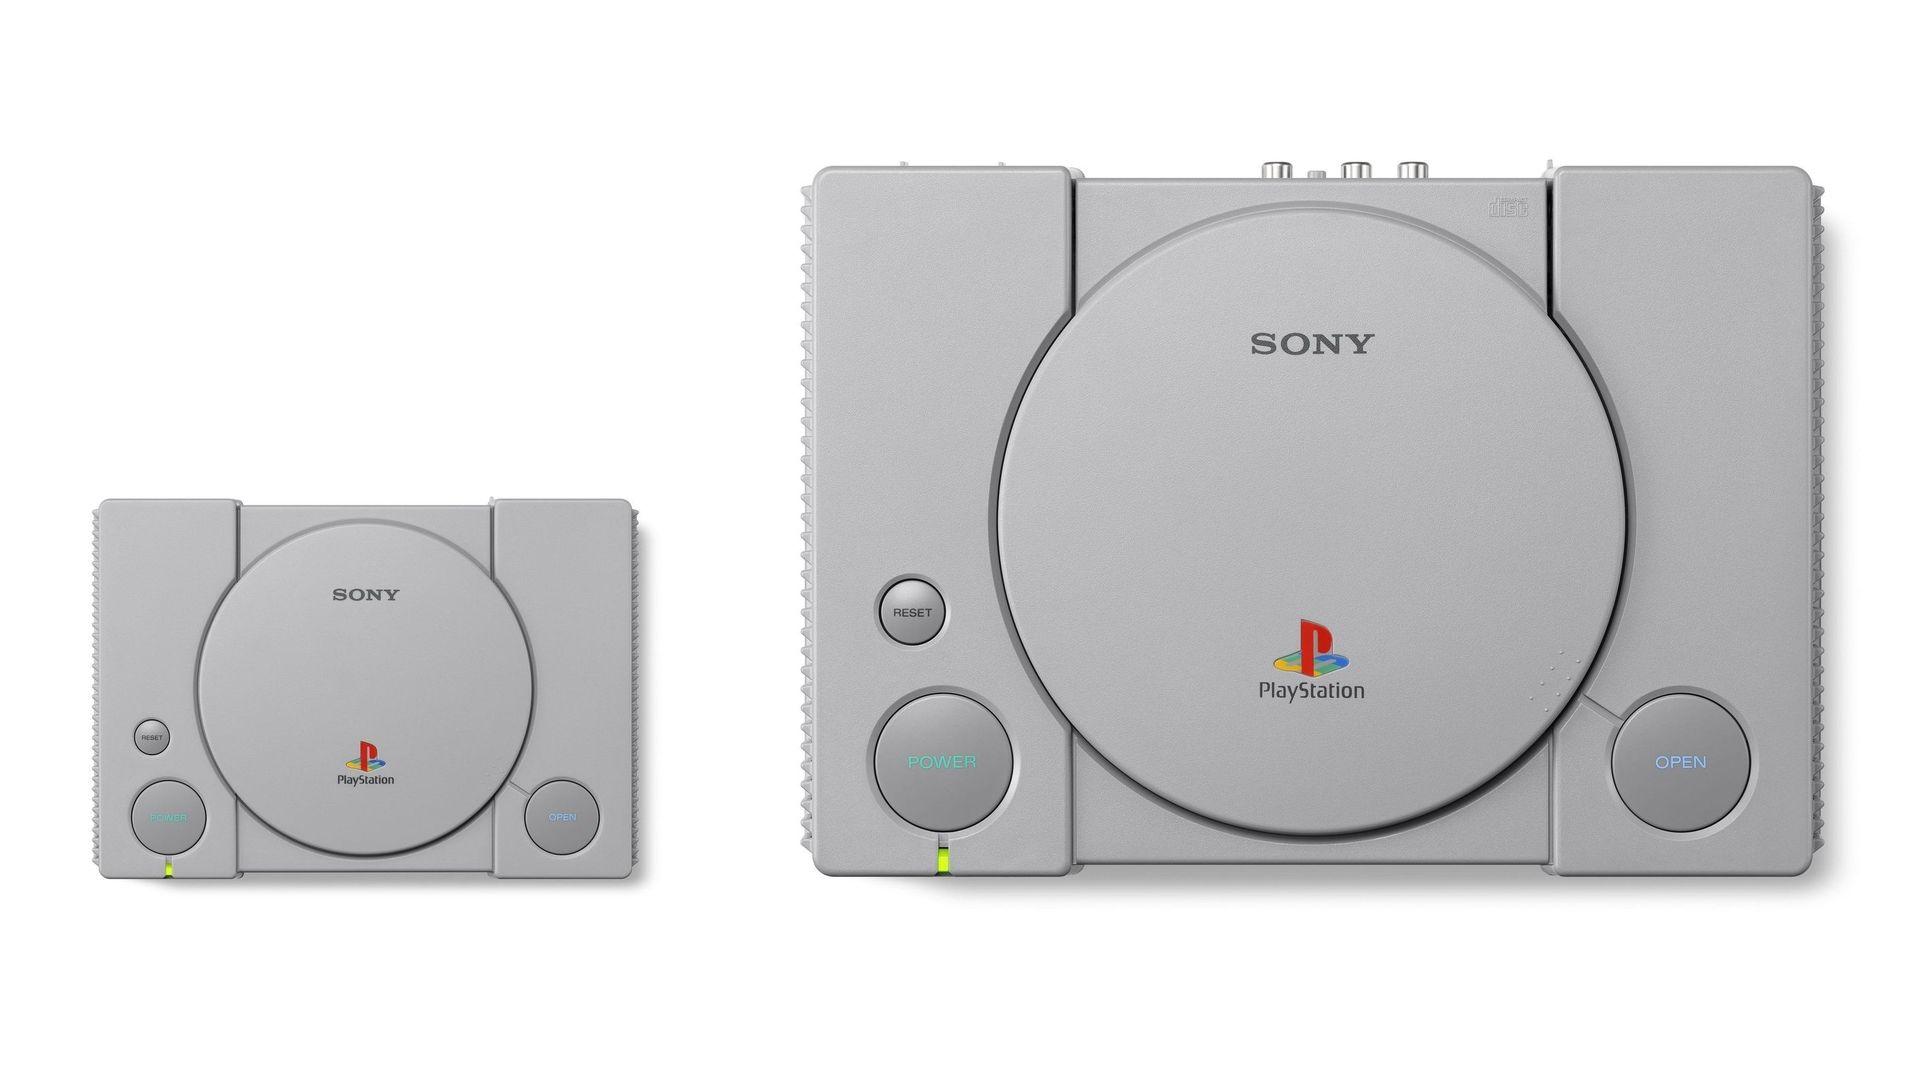 5 Hal Menarik Yang Wajib Kalian Ketahui Tentang Playstation Classic